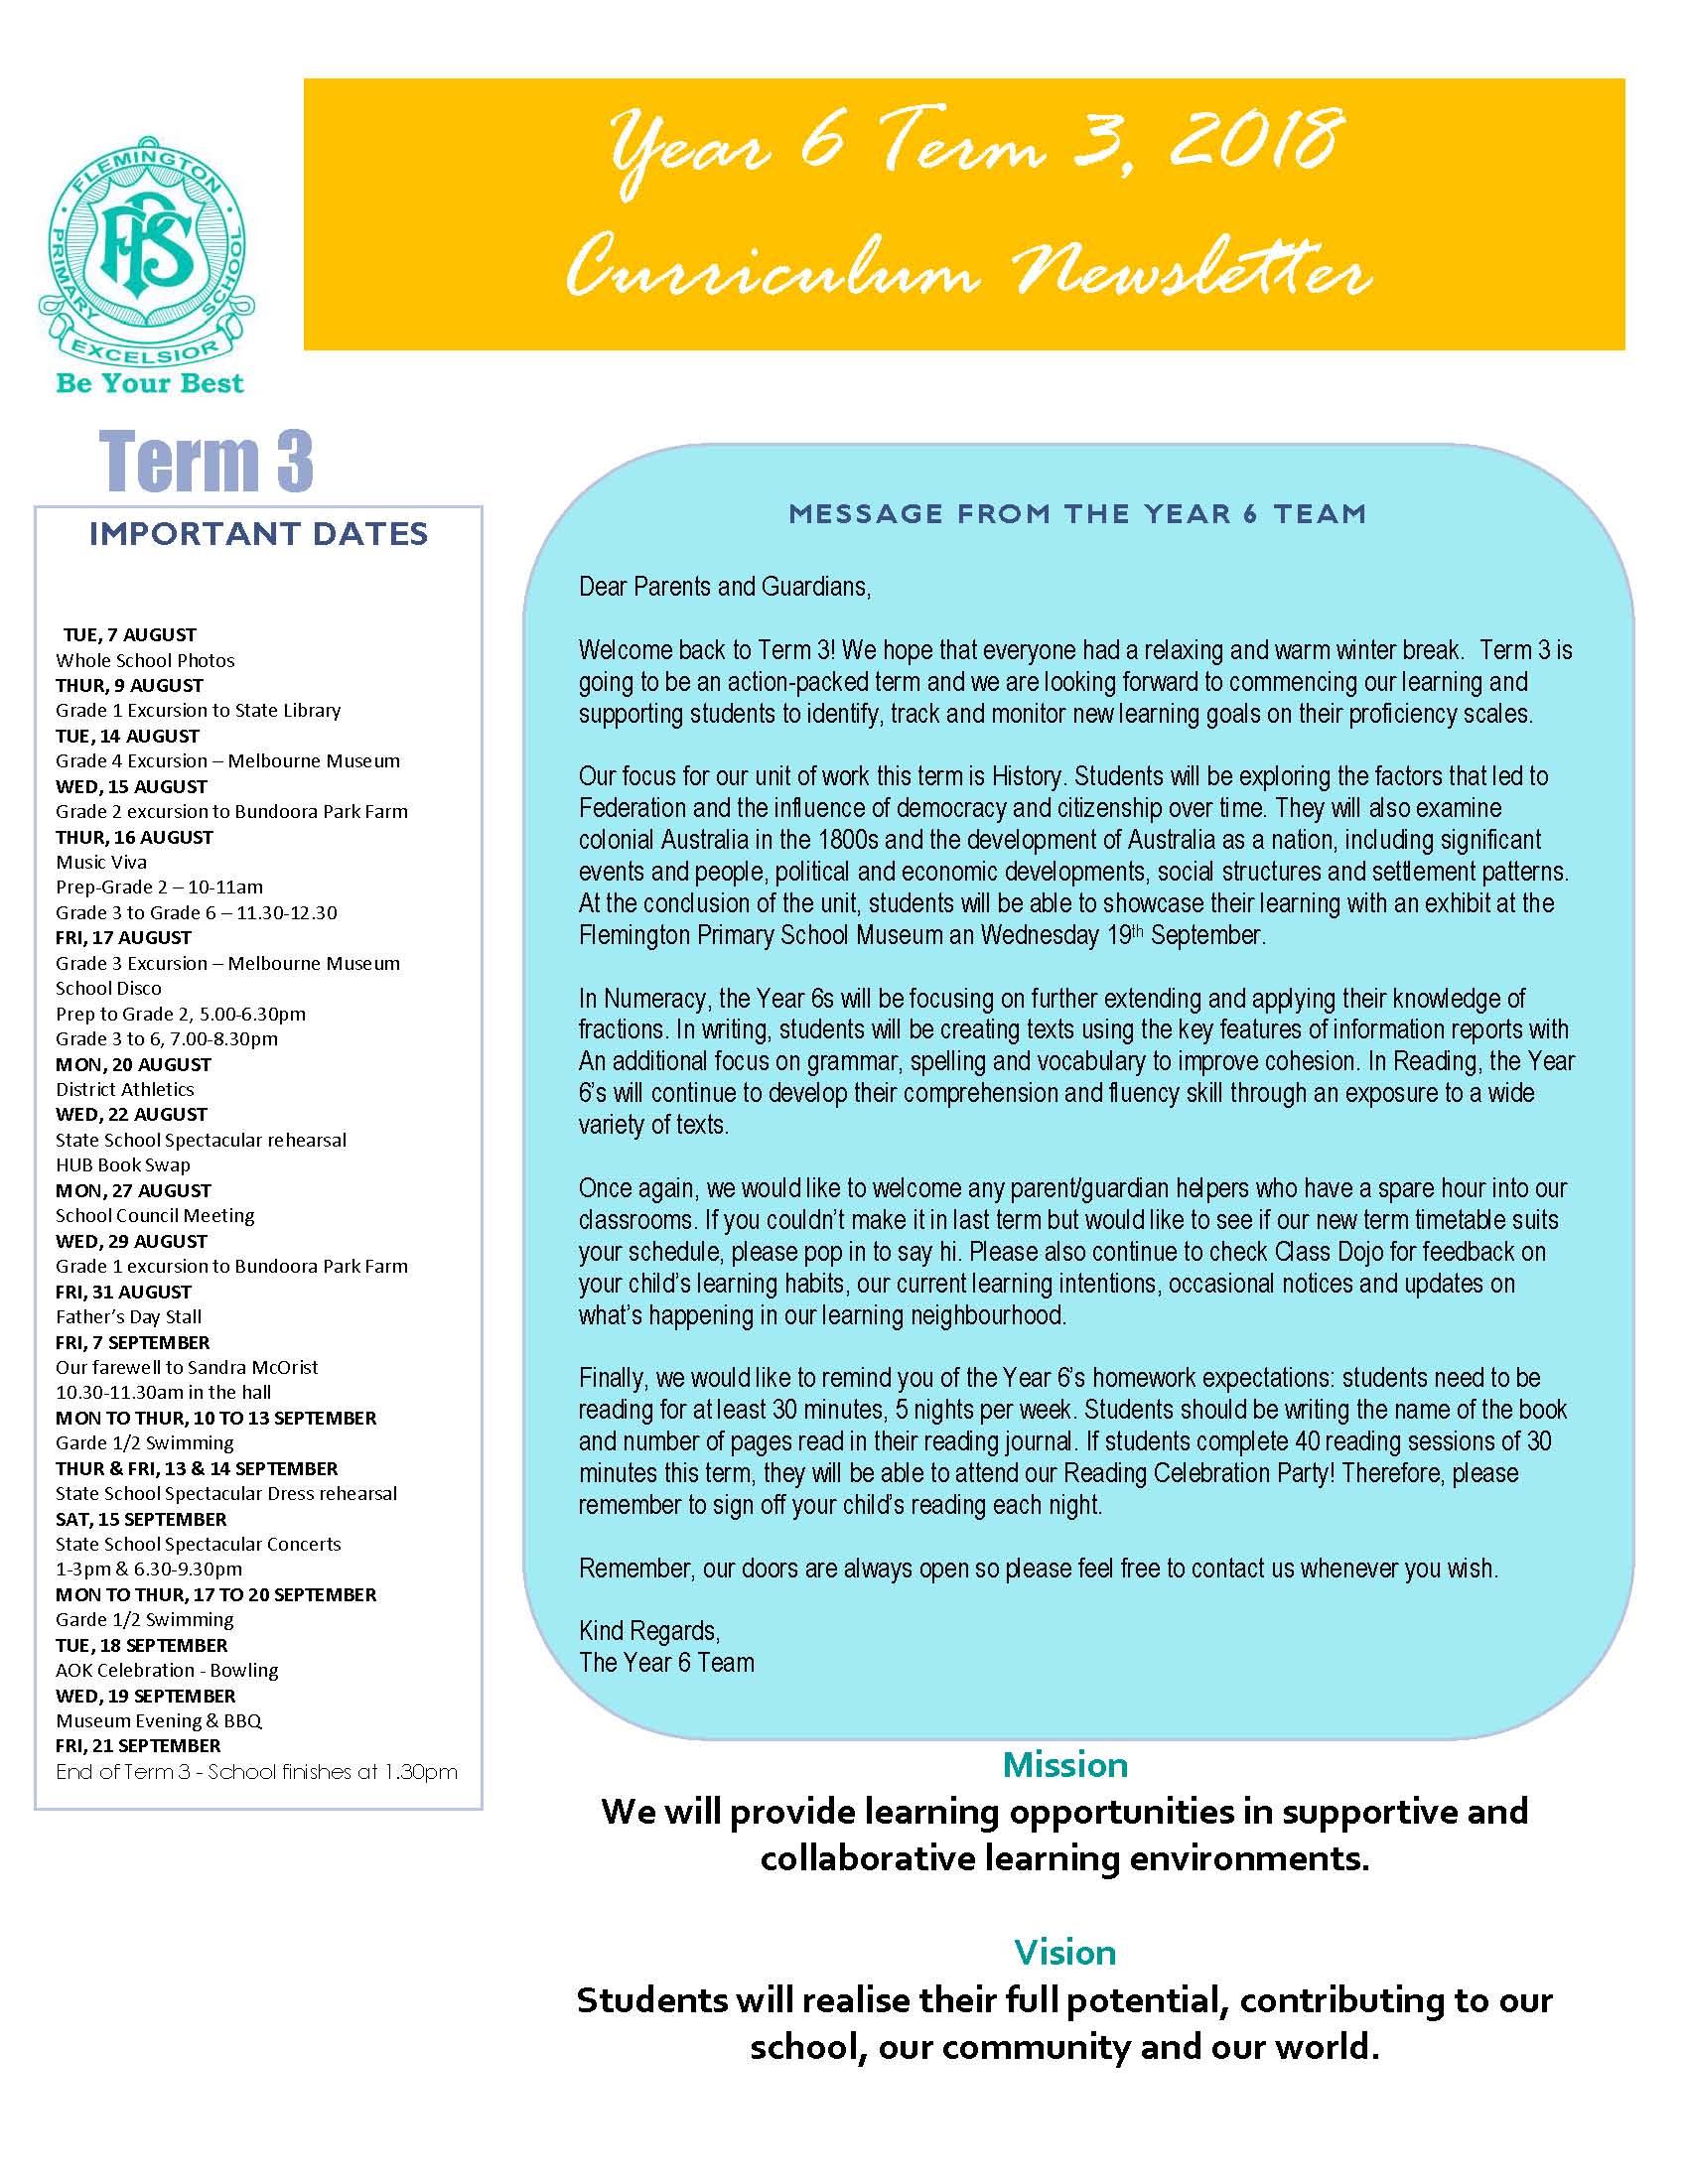 Year 6 Newsletter 1